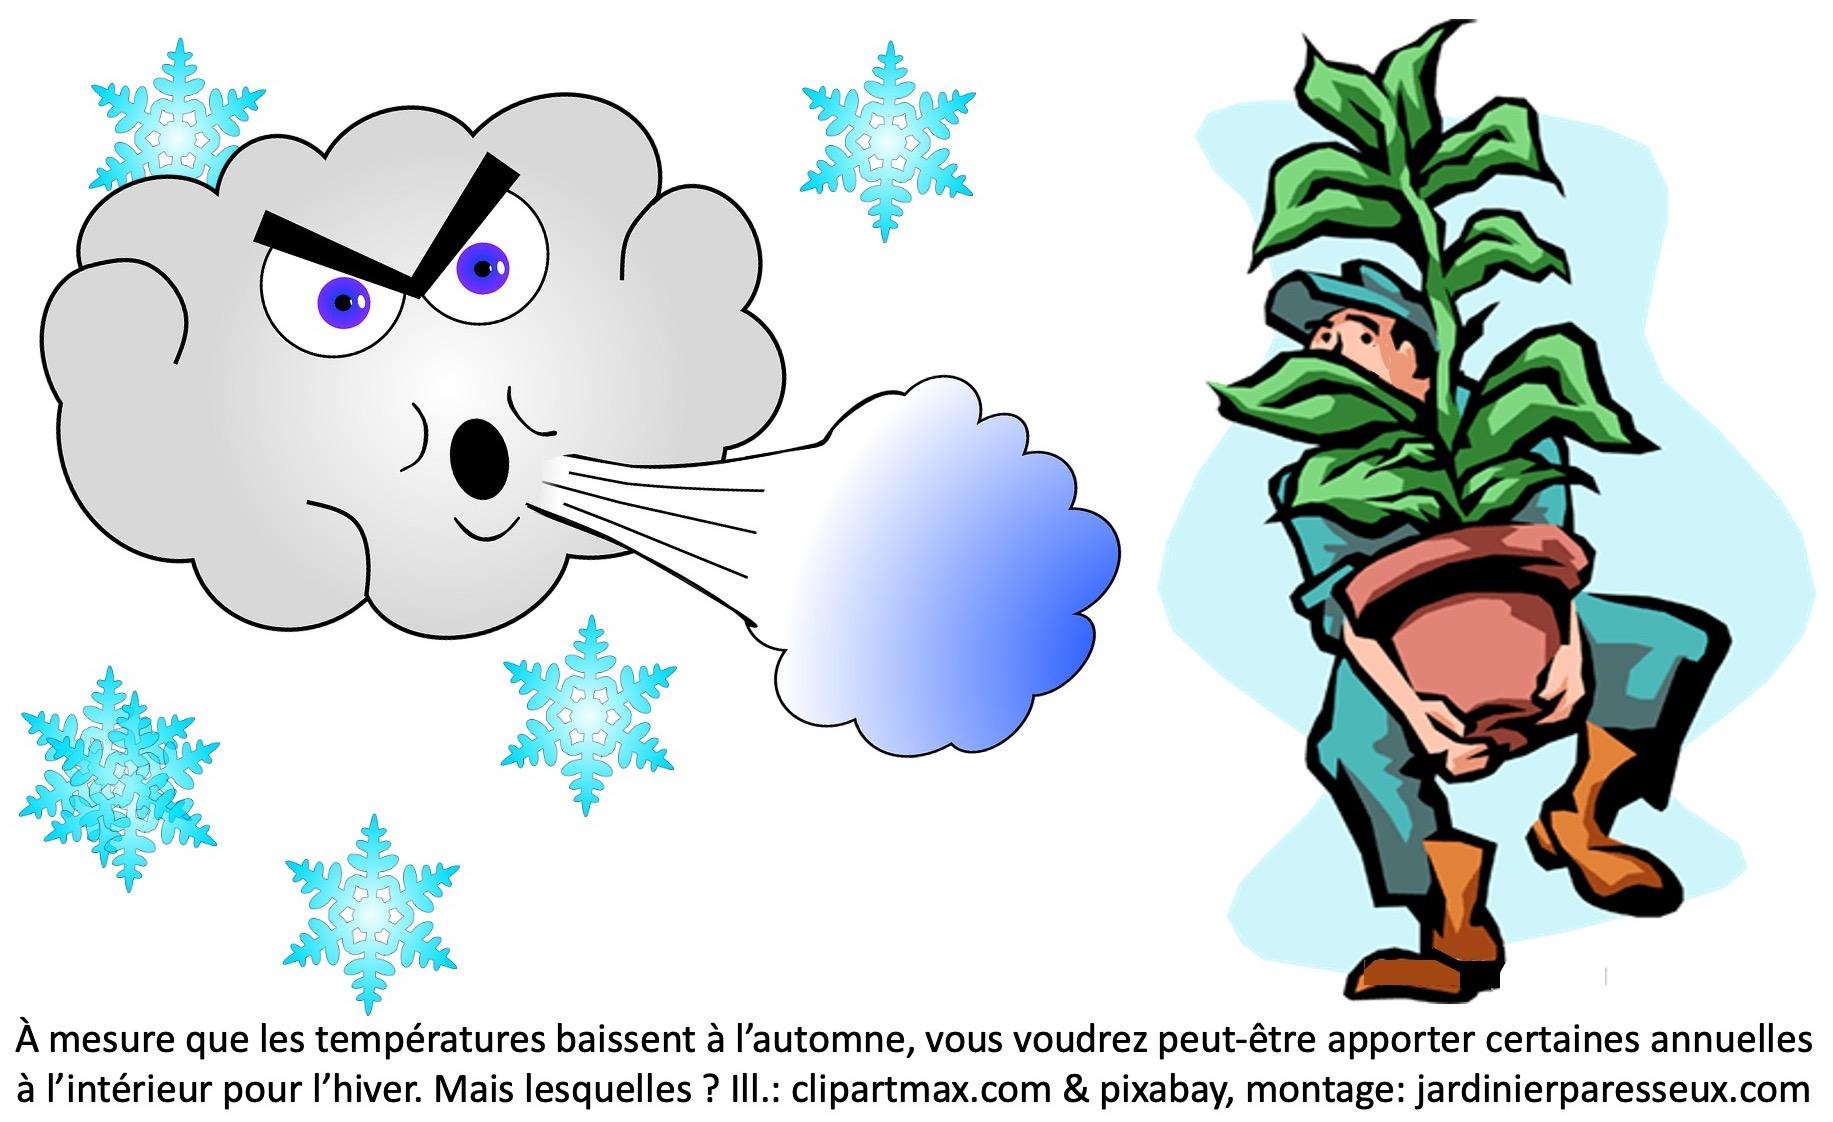 Vent froid qui force un homme à rentrer une plante.